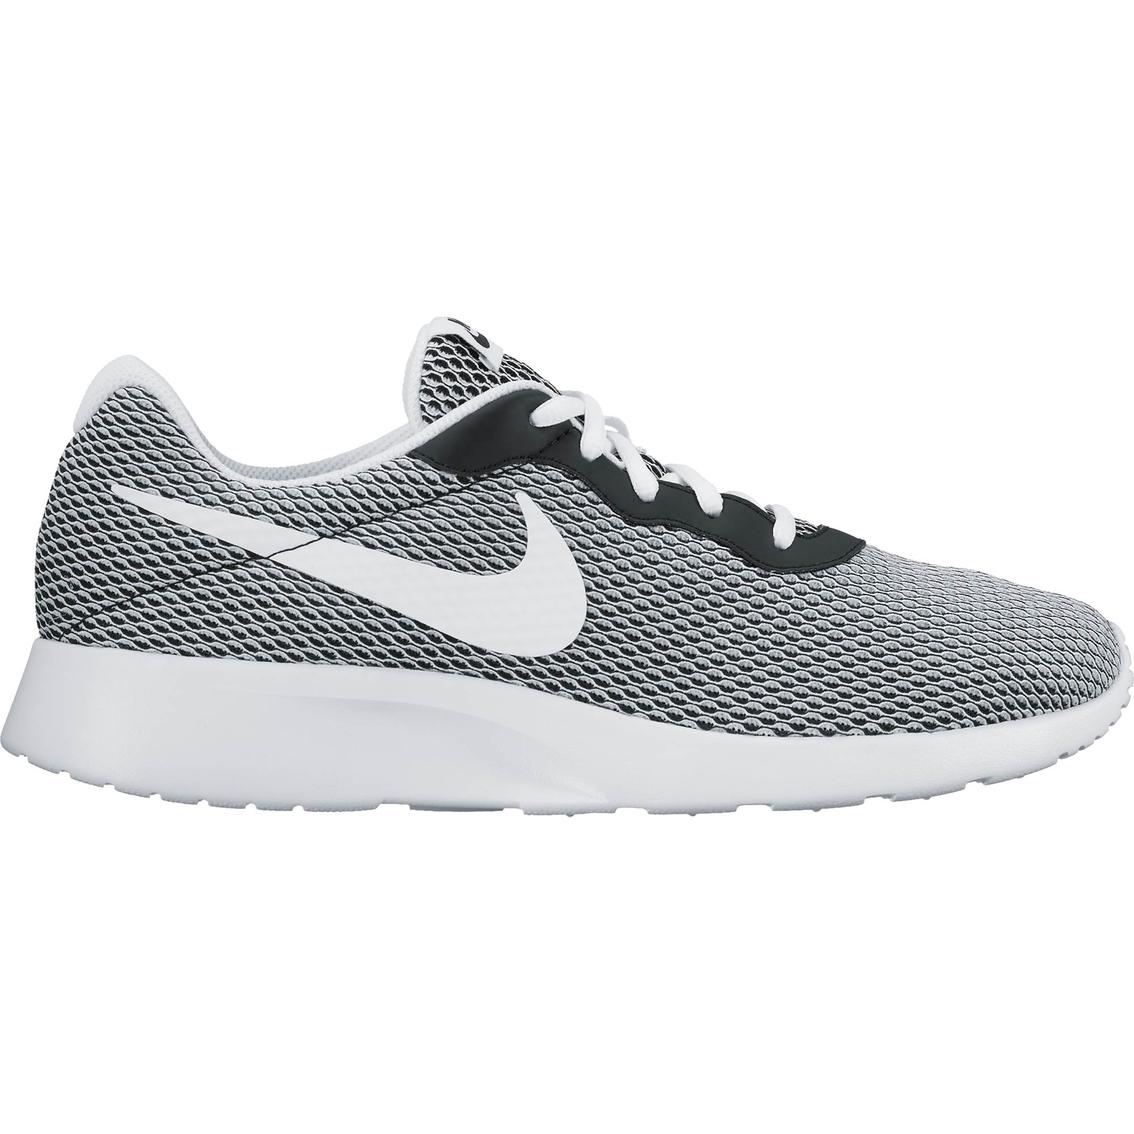 0be759fa4452 Nike Men s Tanjun Se Training Shoes